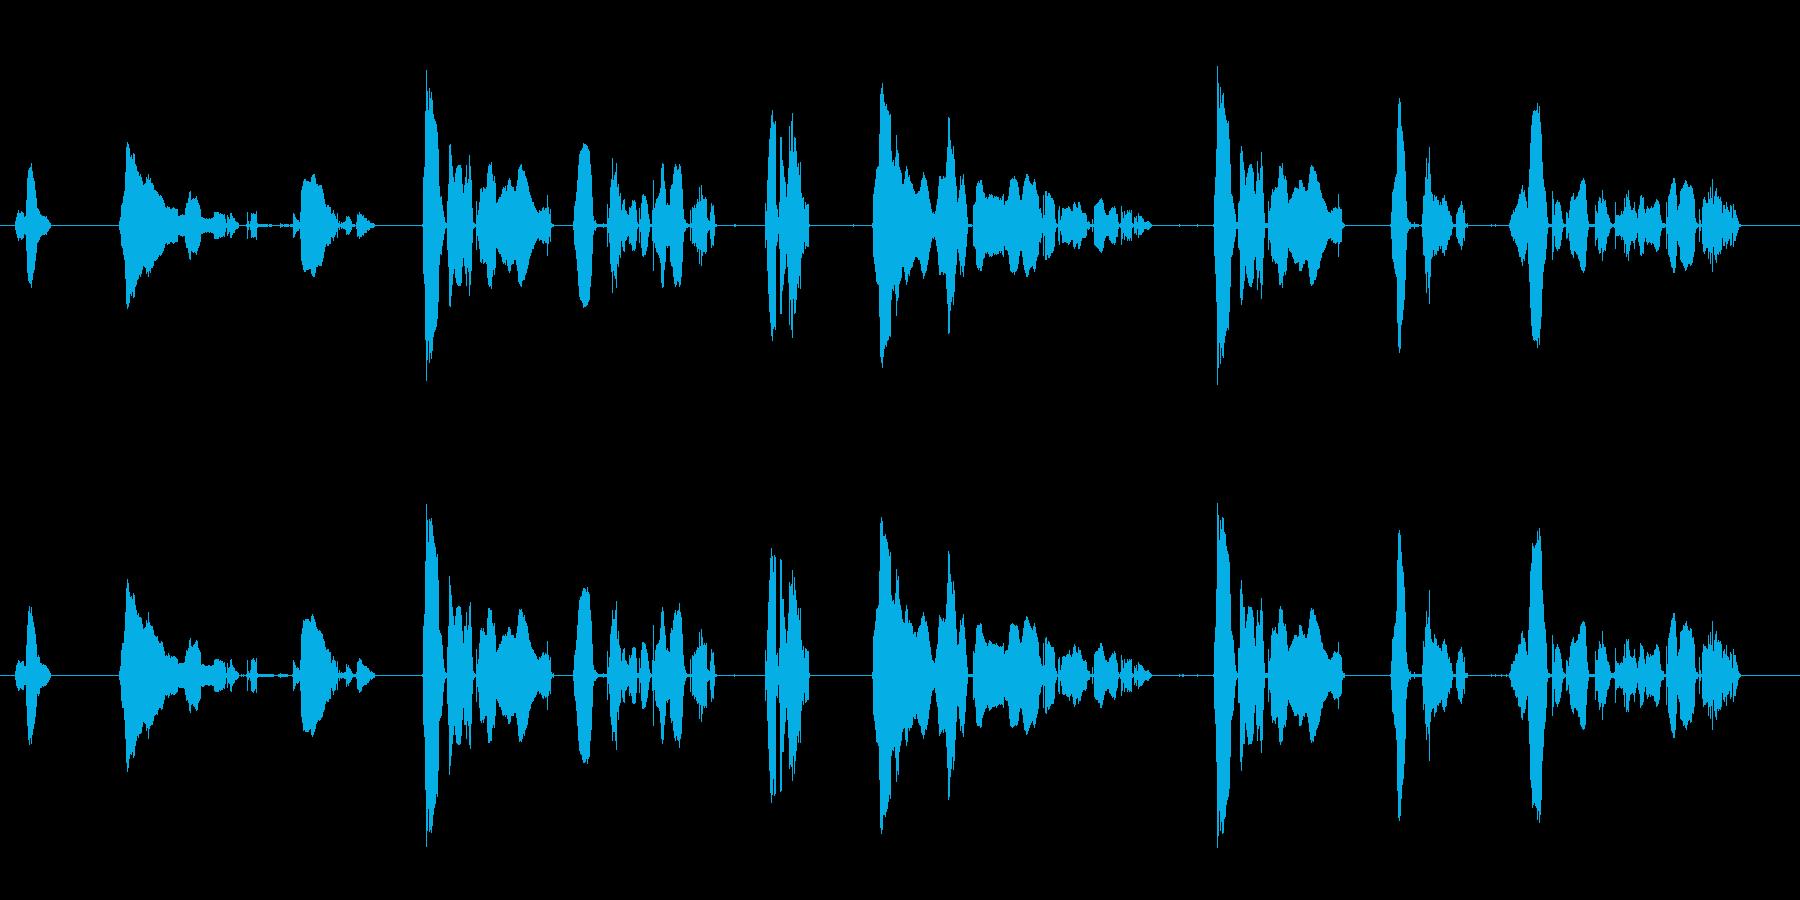 魔人系のセリフ1.2.3をまとめてあり…の再生済みの波形